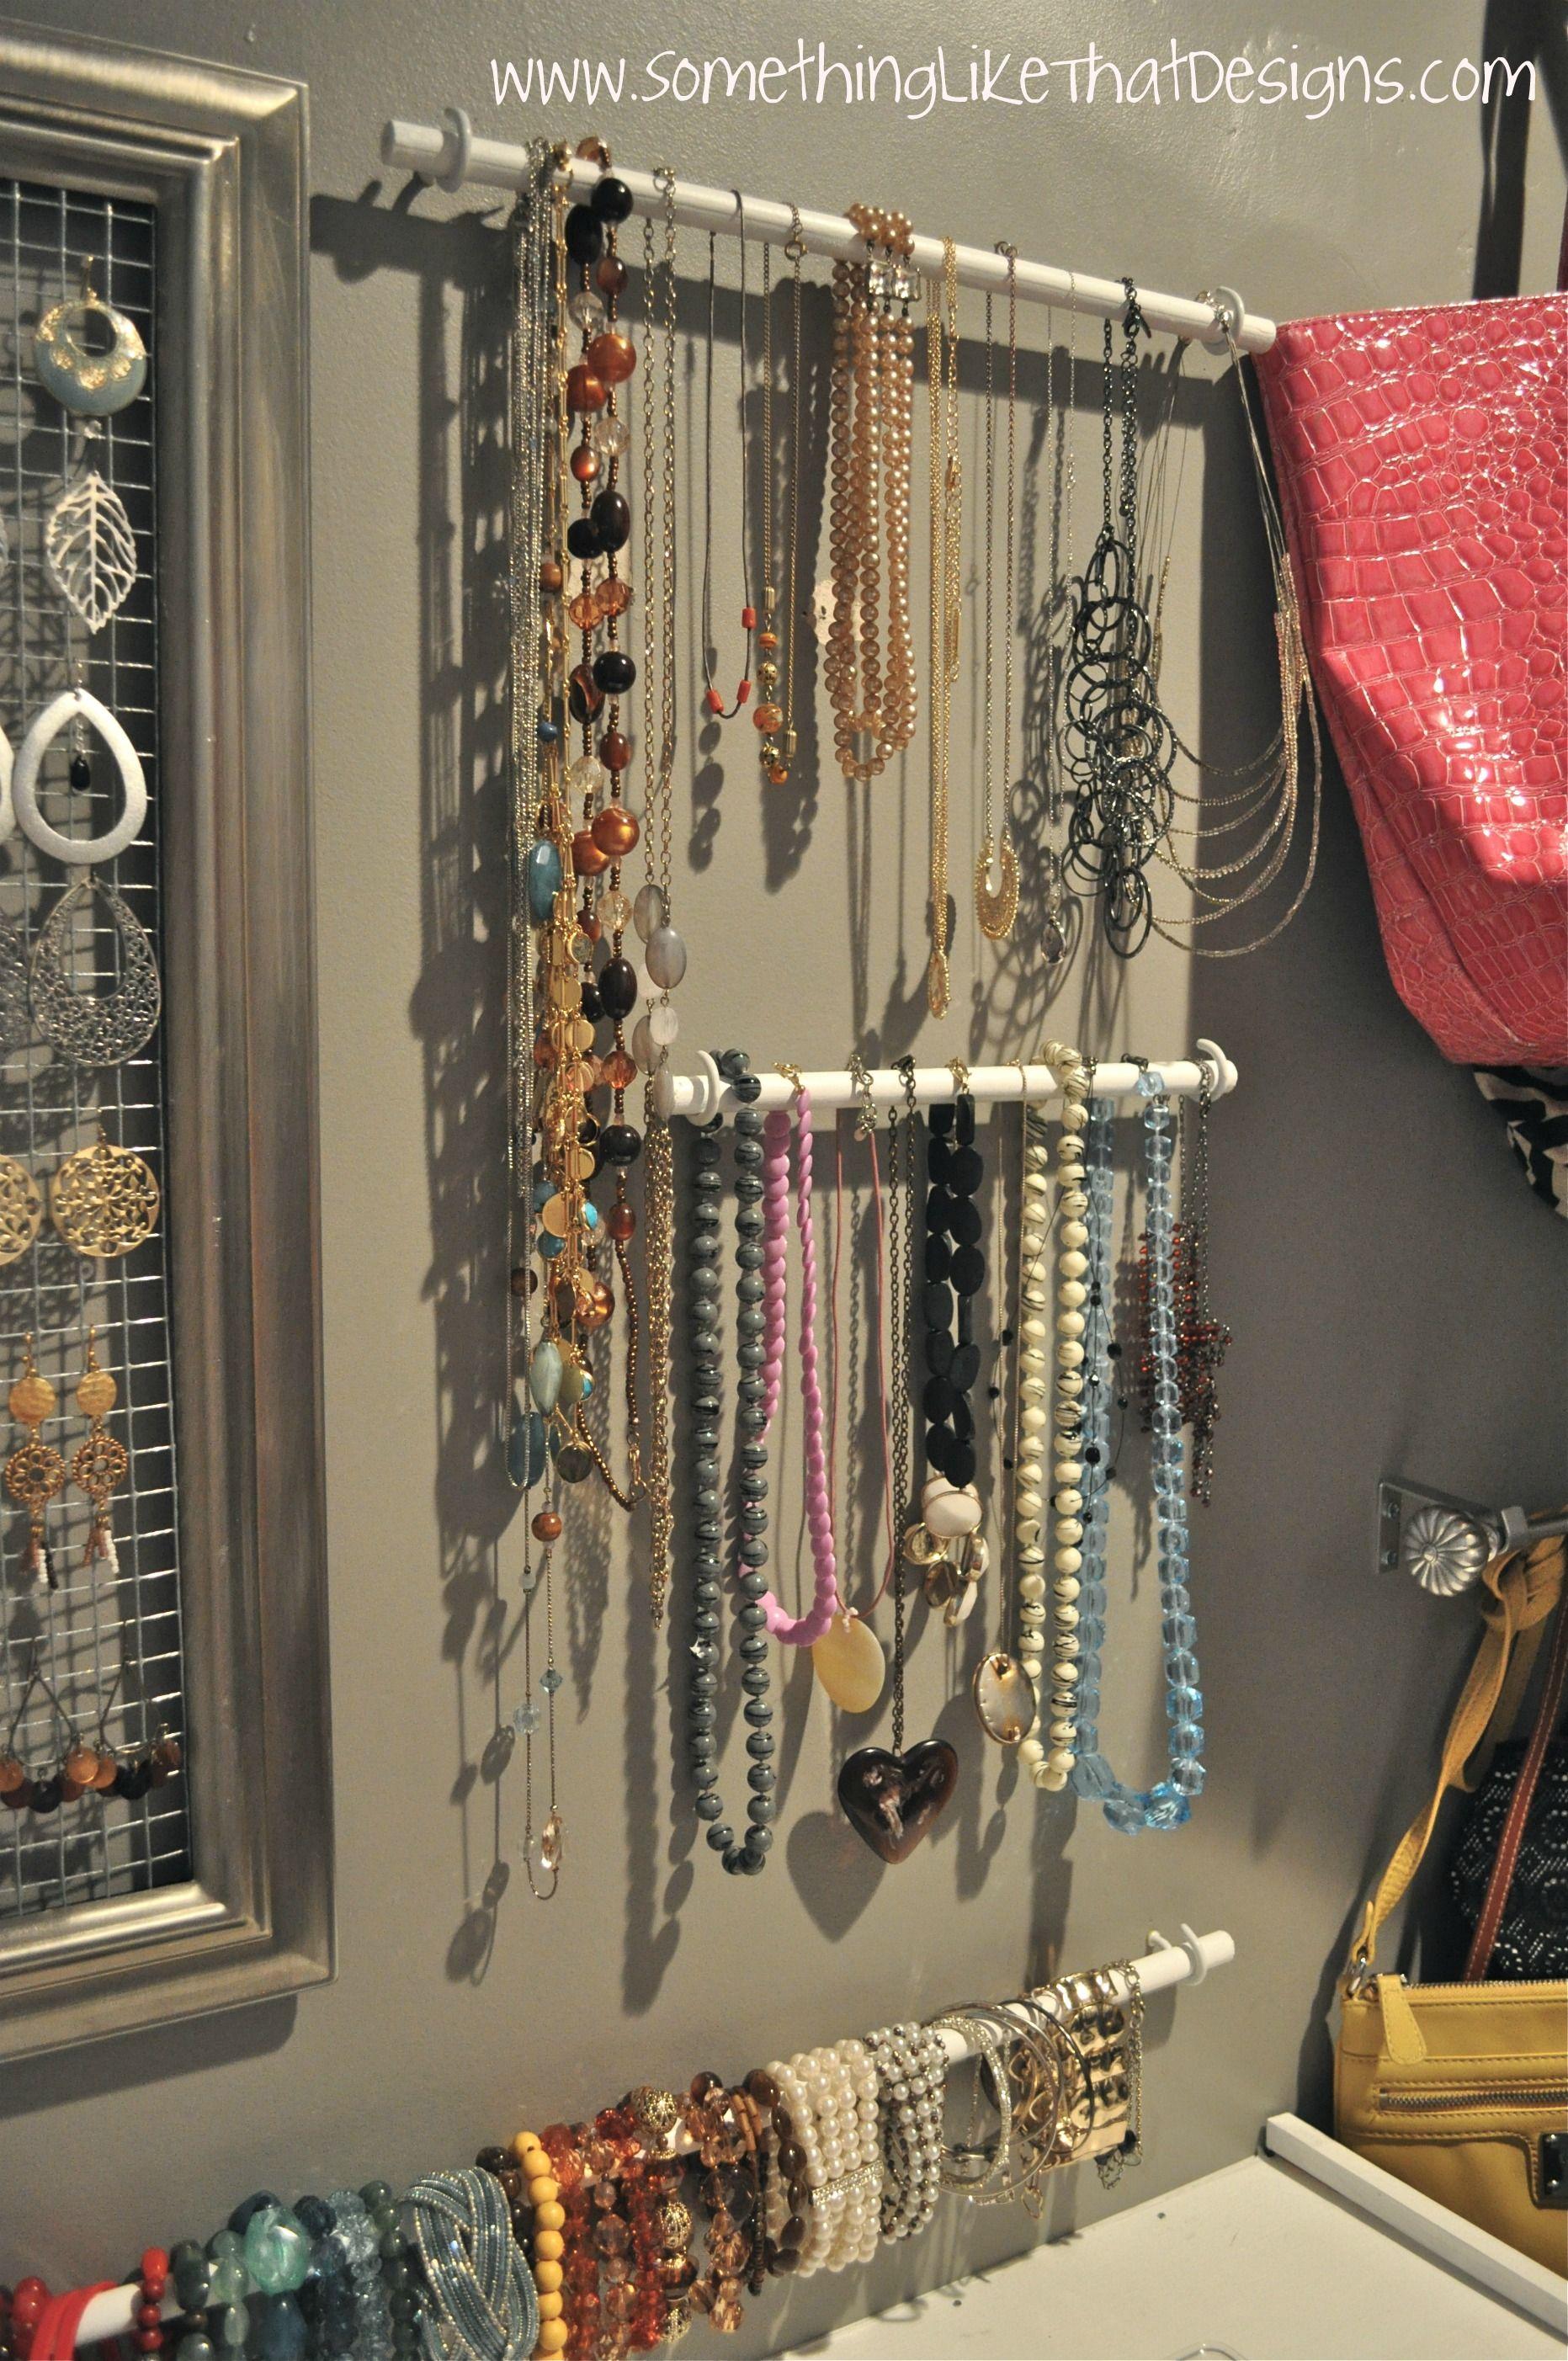 6b5763c440d3 Idea para organizar collares, pendientes y complementos ...